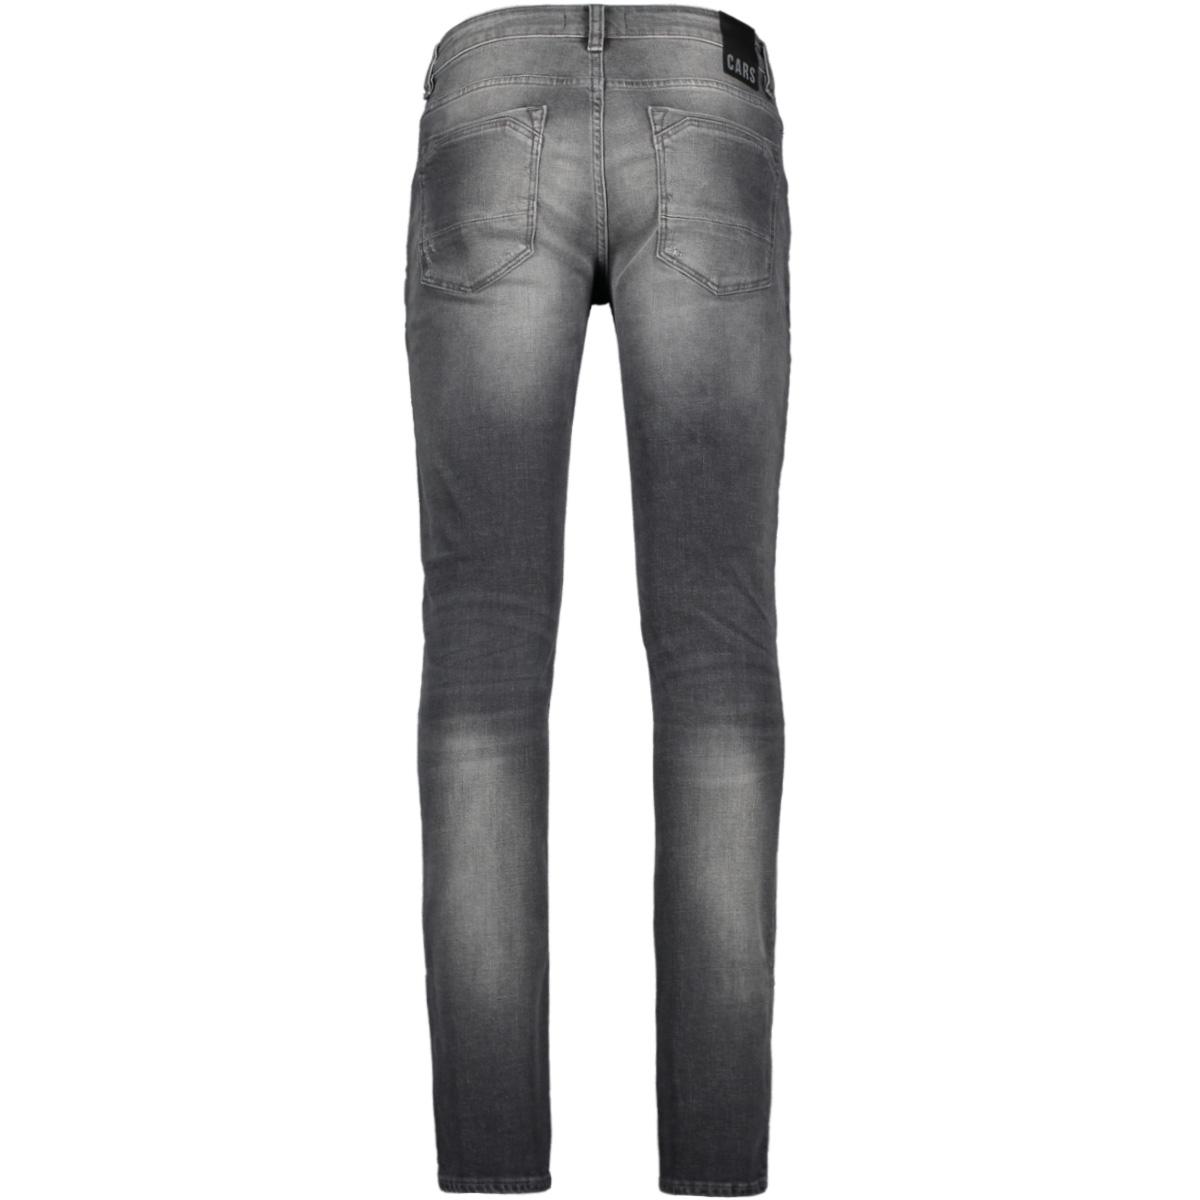 stark denim 77928 cars jeans 13 grey used